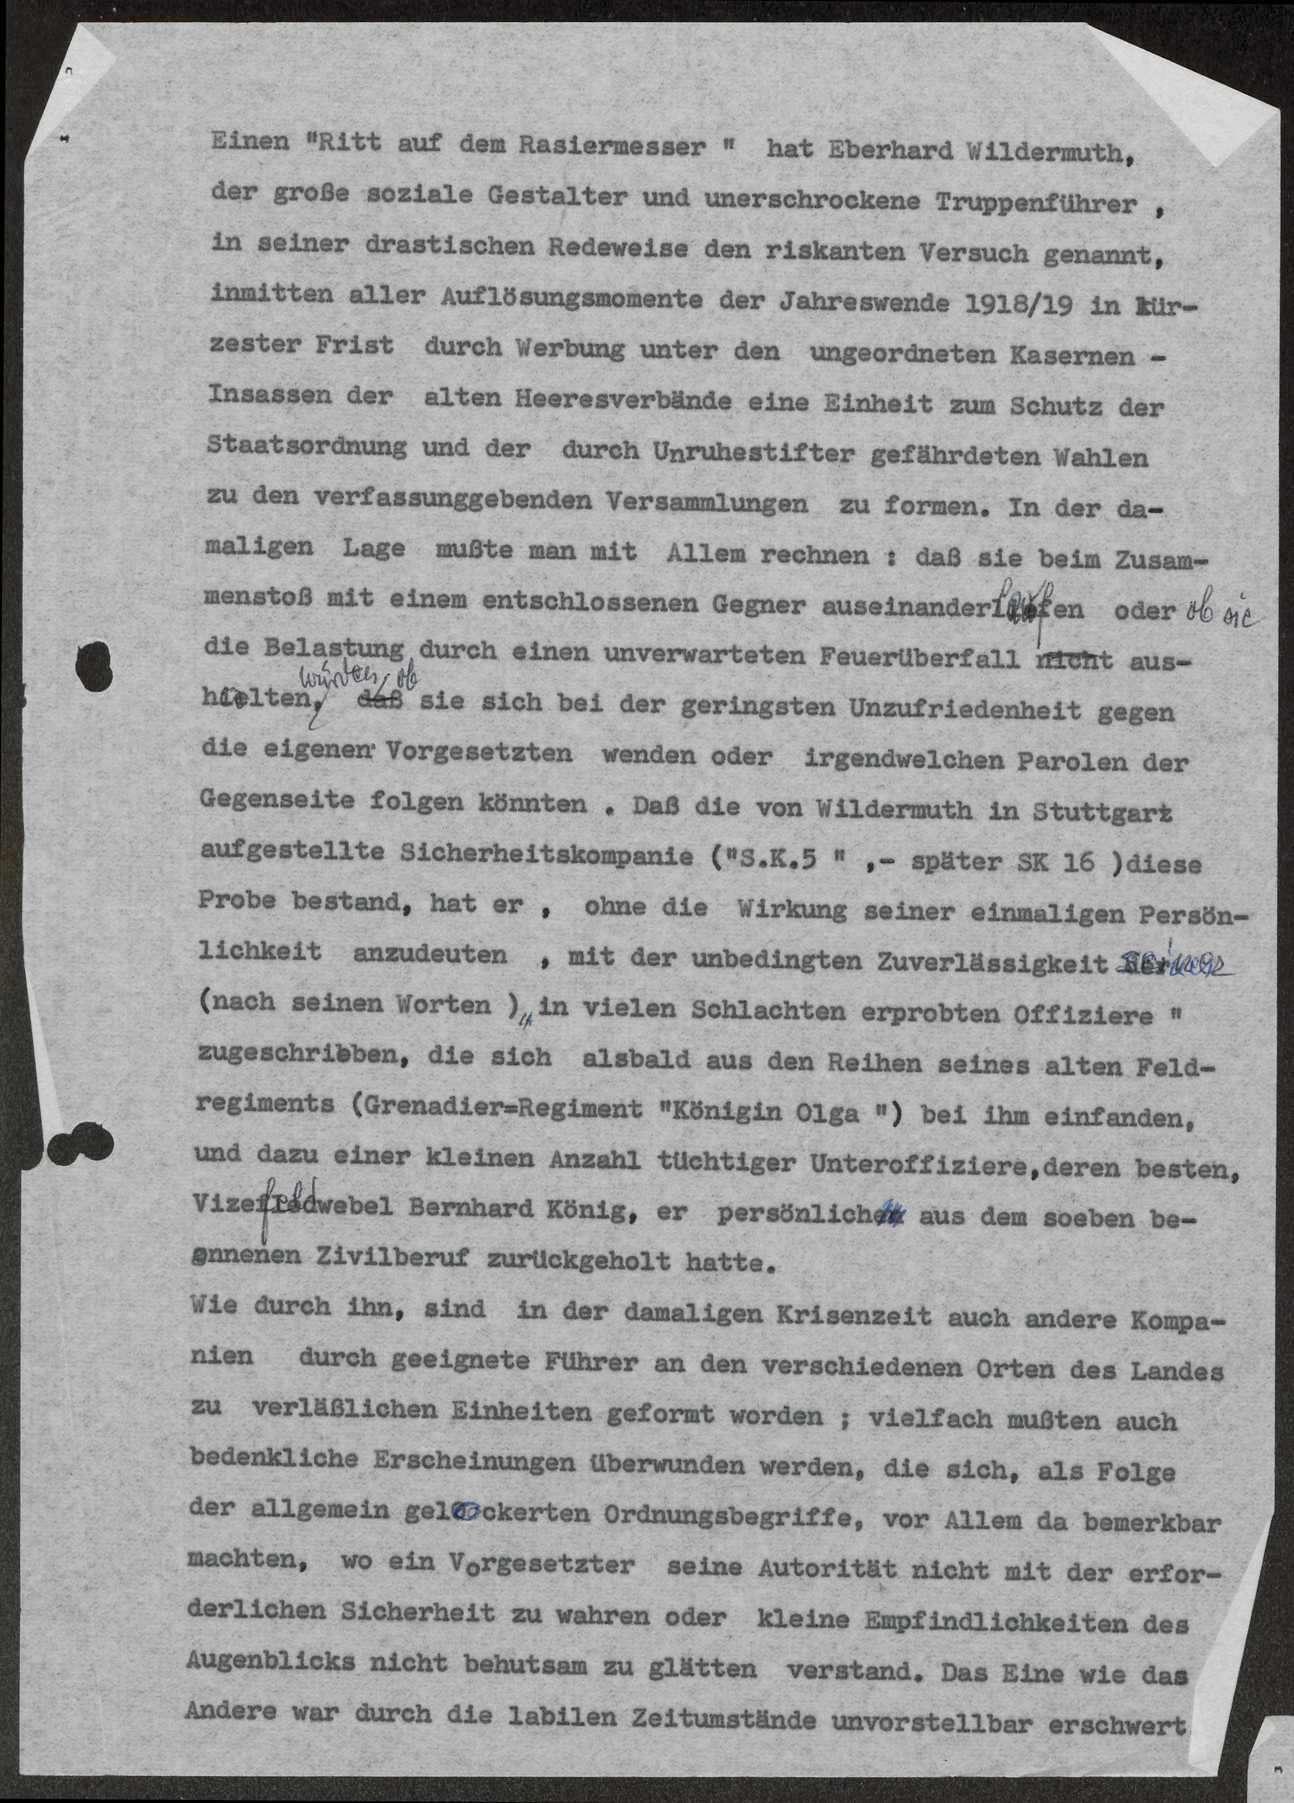 Bericht über die Revolution im November 1918 in Stuttgart, Bild 3